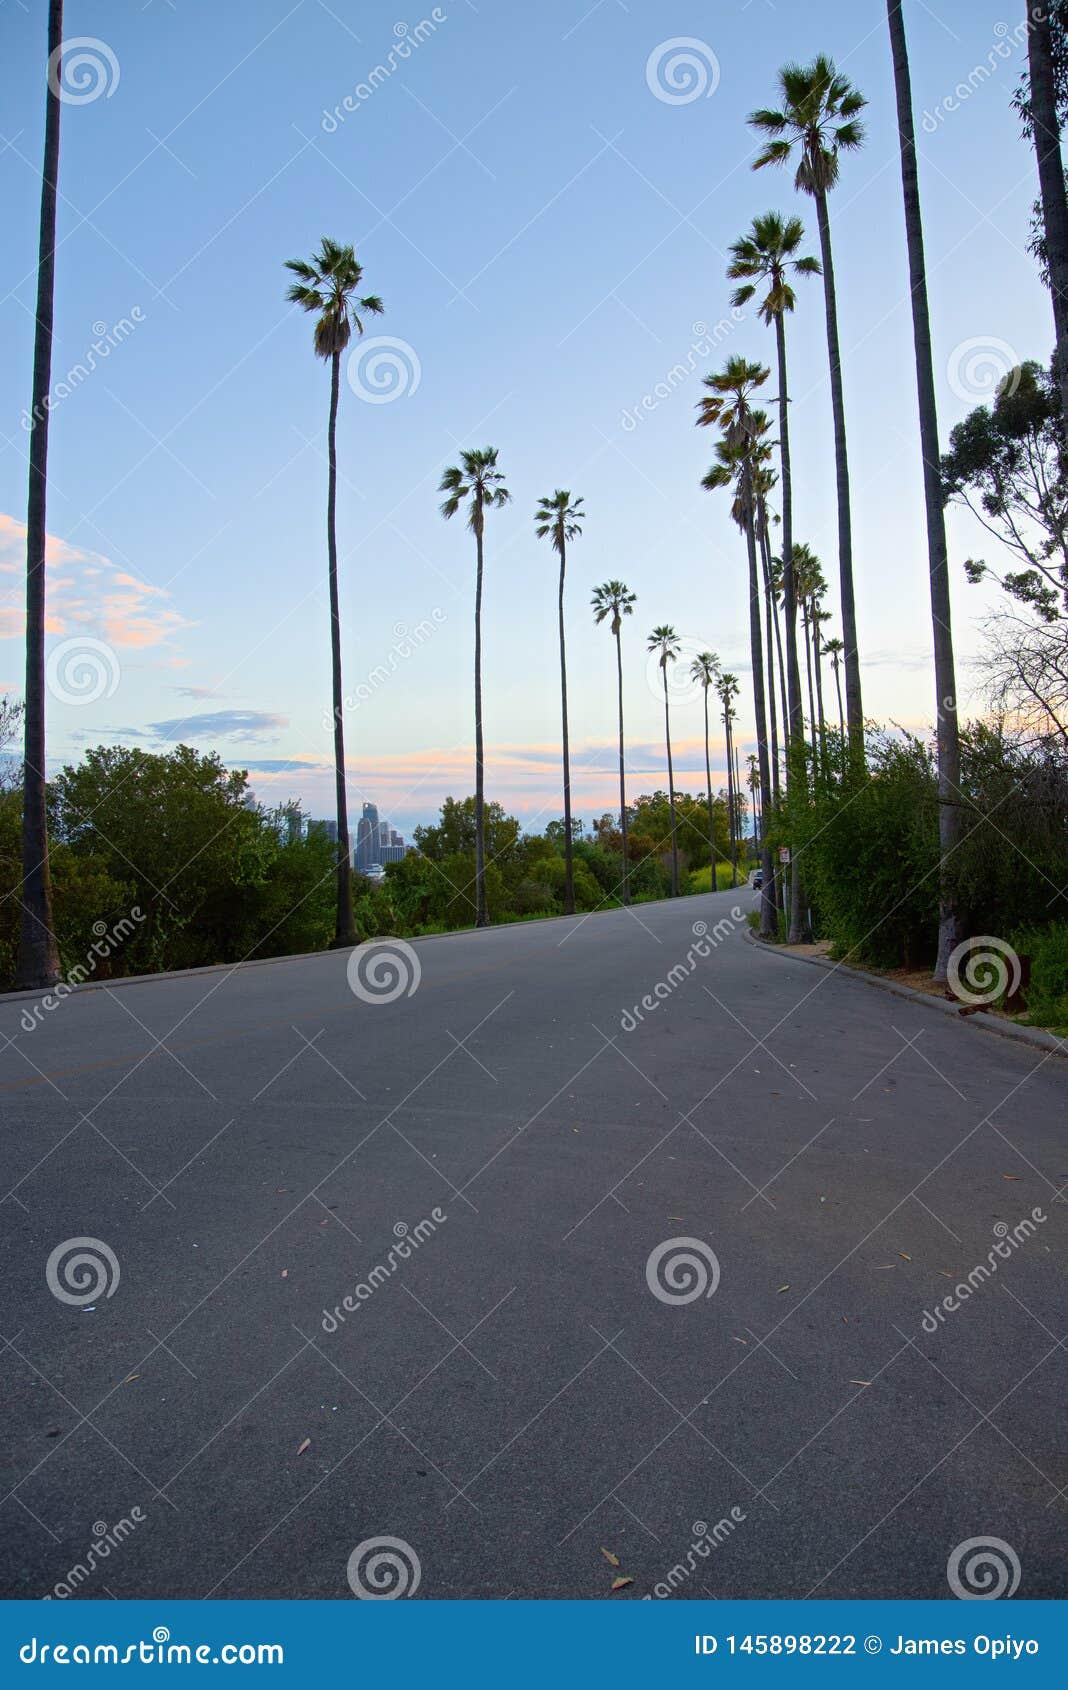 Elyseiska palmträd - parkera Kalifornien